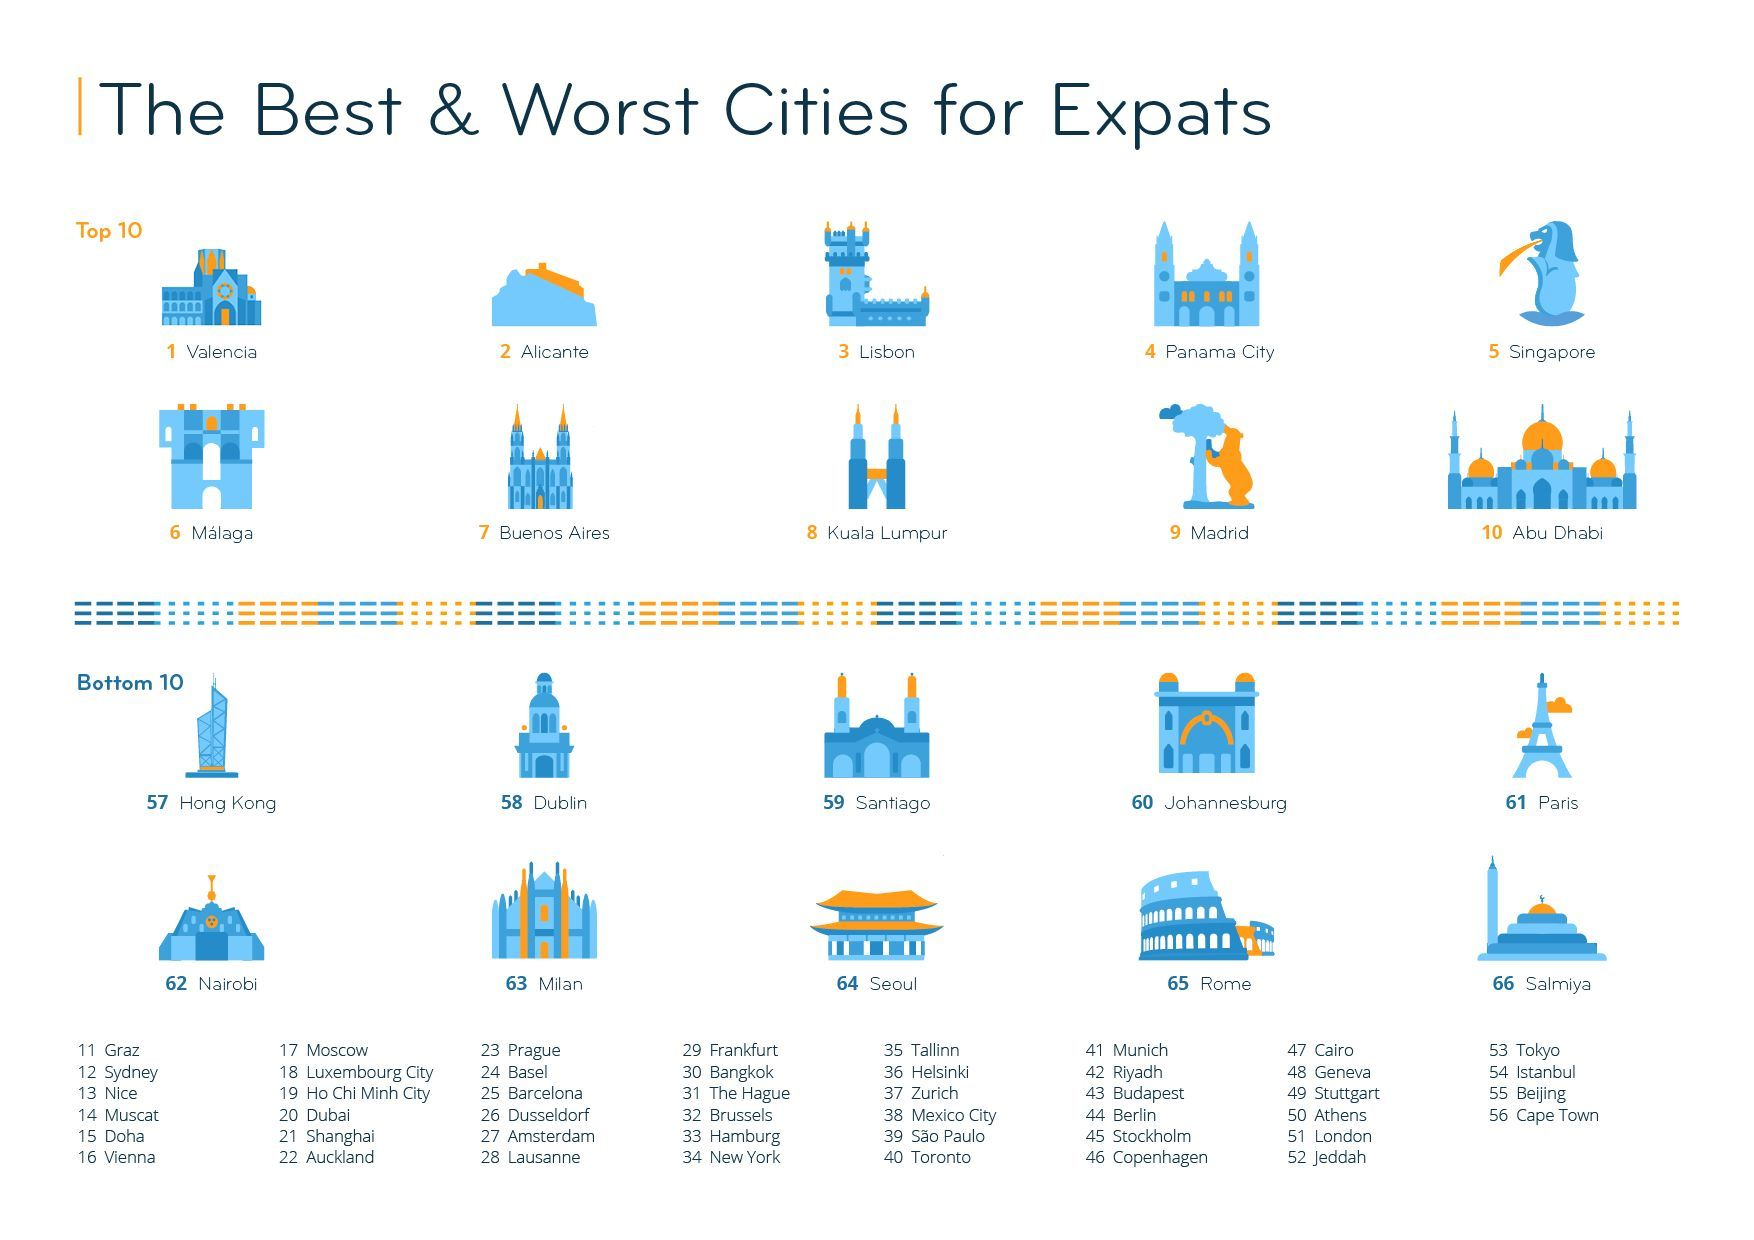 Mejores ciudades del mundo para vivir según los expatriados.